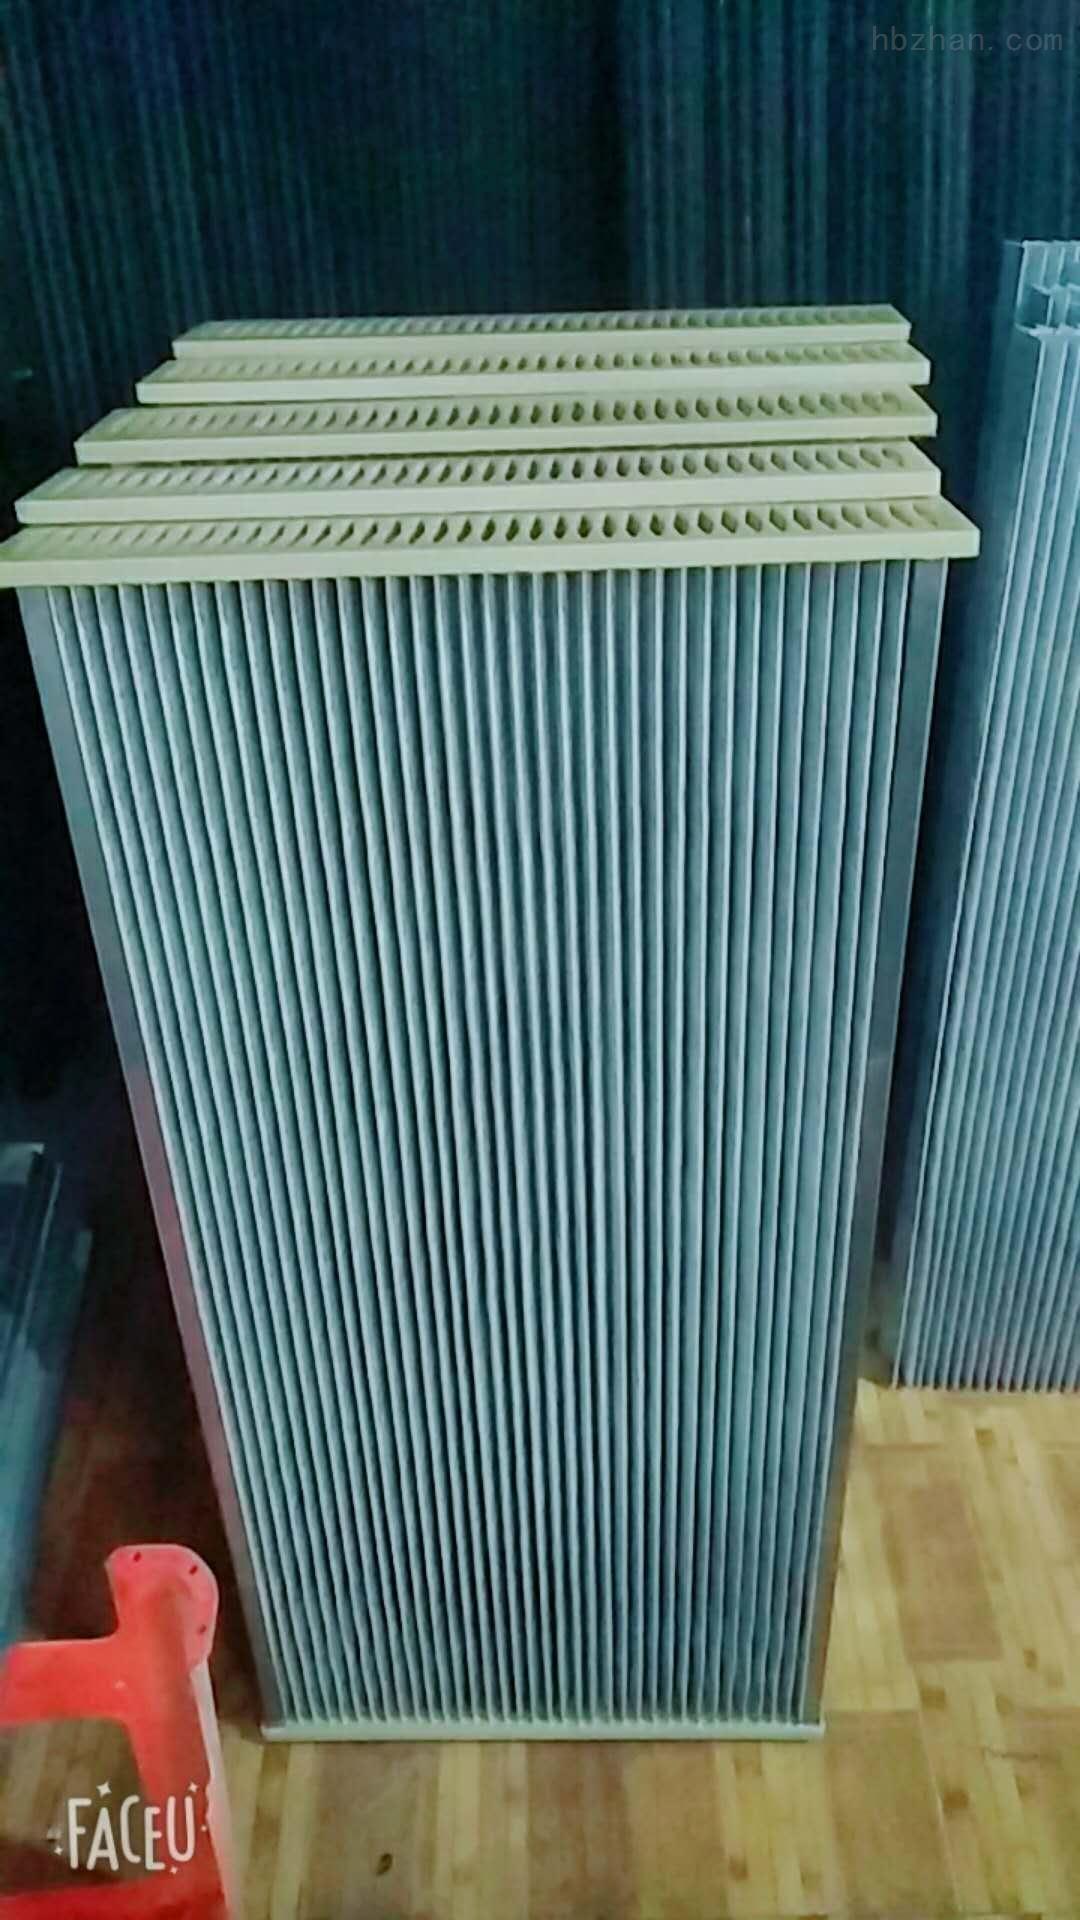 上海化工厂油滤芯厂家直销